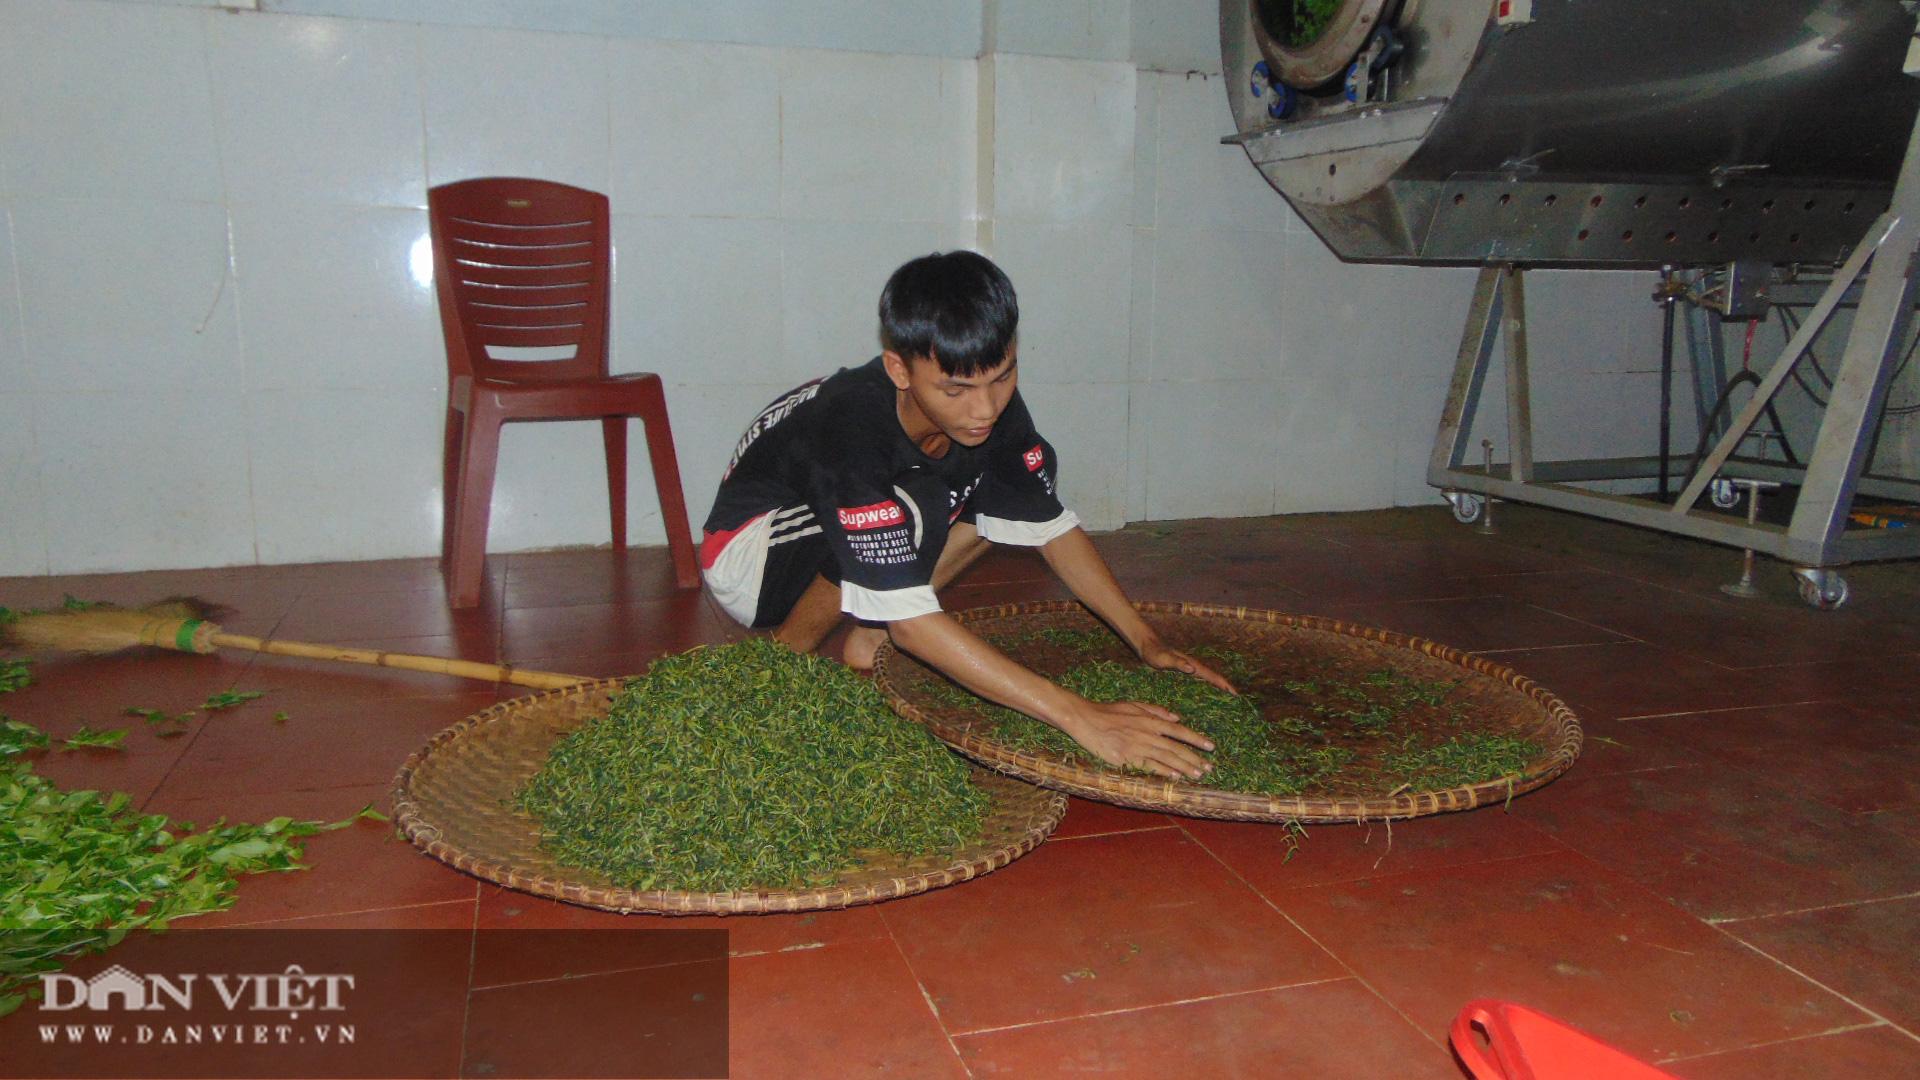 Thanh niên trẻ khởi nghiệp với nghề chè truyền thống  - Ảnh 5.